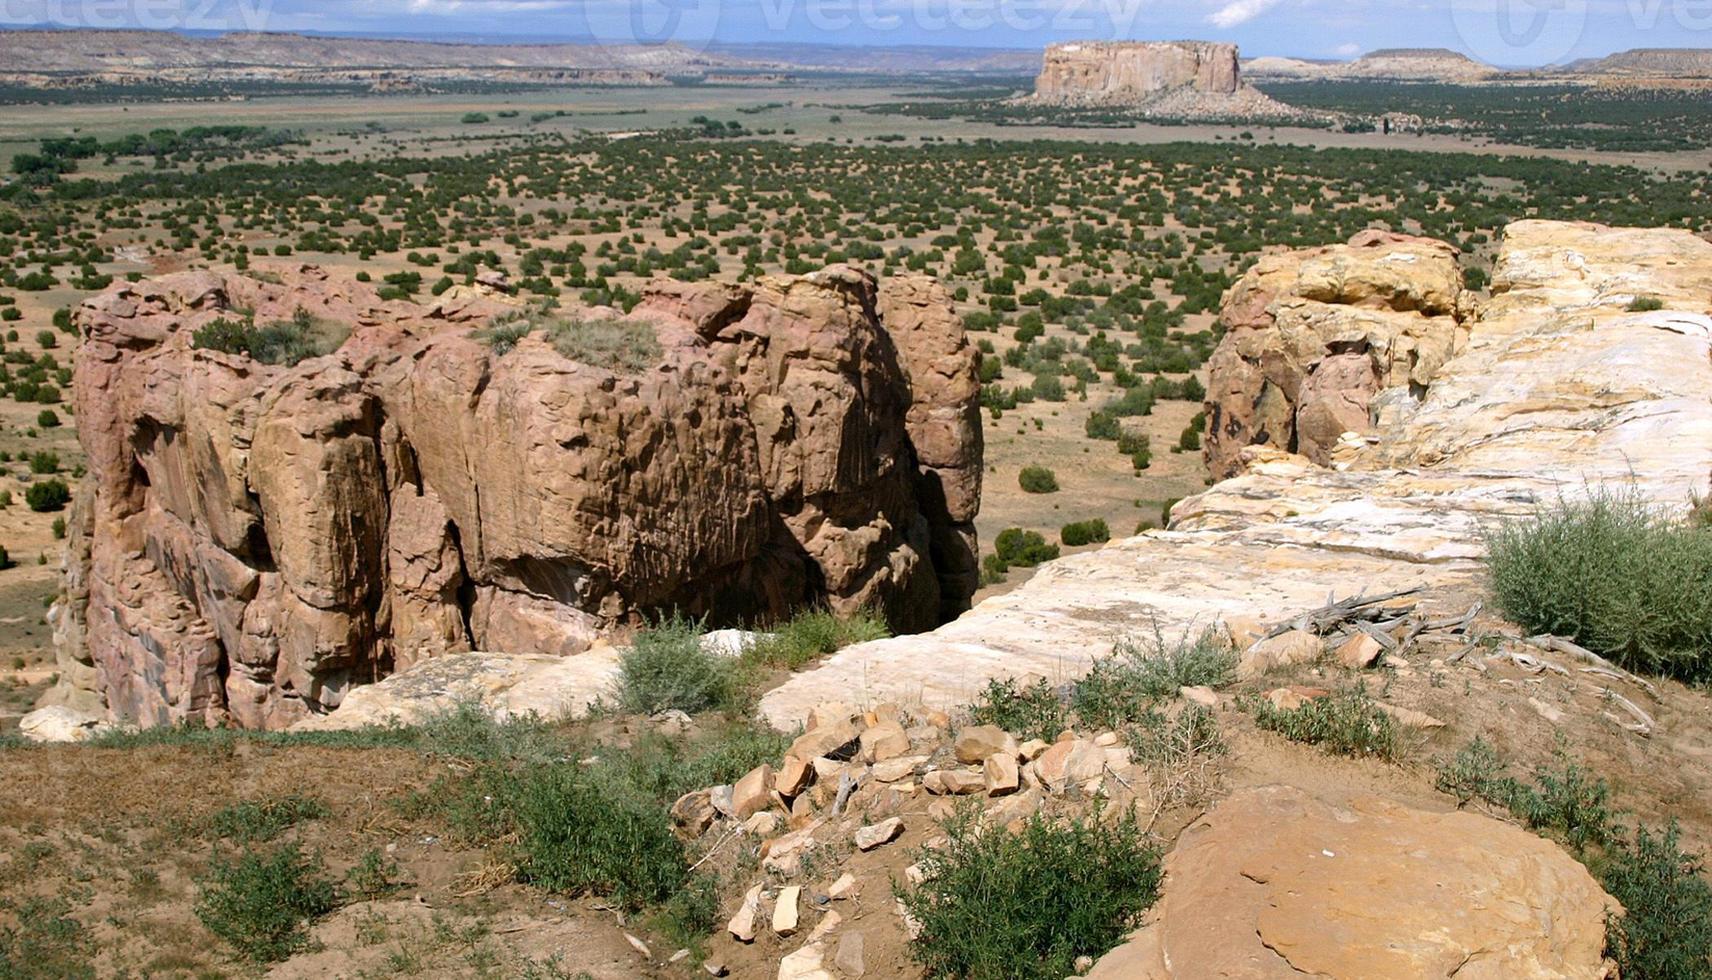 nouvelle vue sur le désert mexicain photo